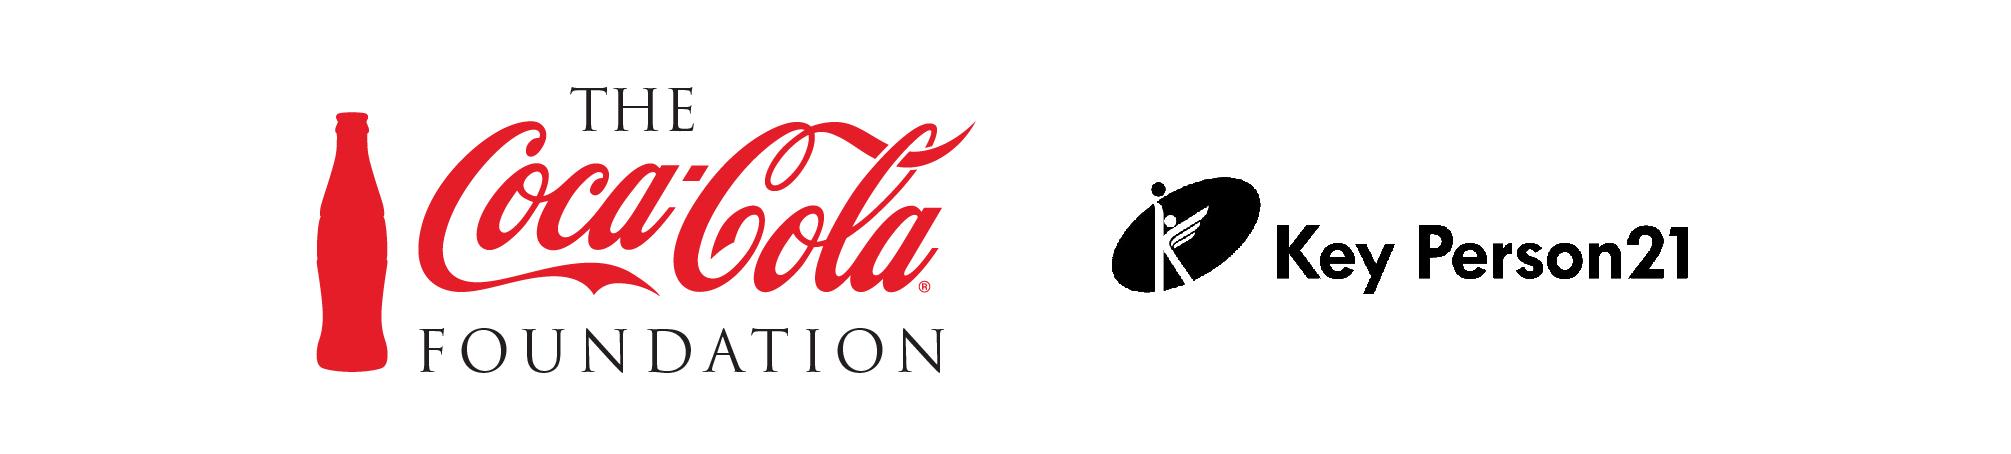 米国コカ・コーラ財団との協働プロジェクト